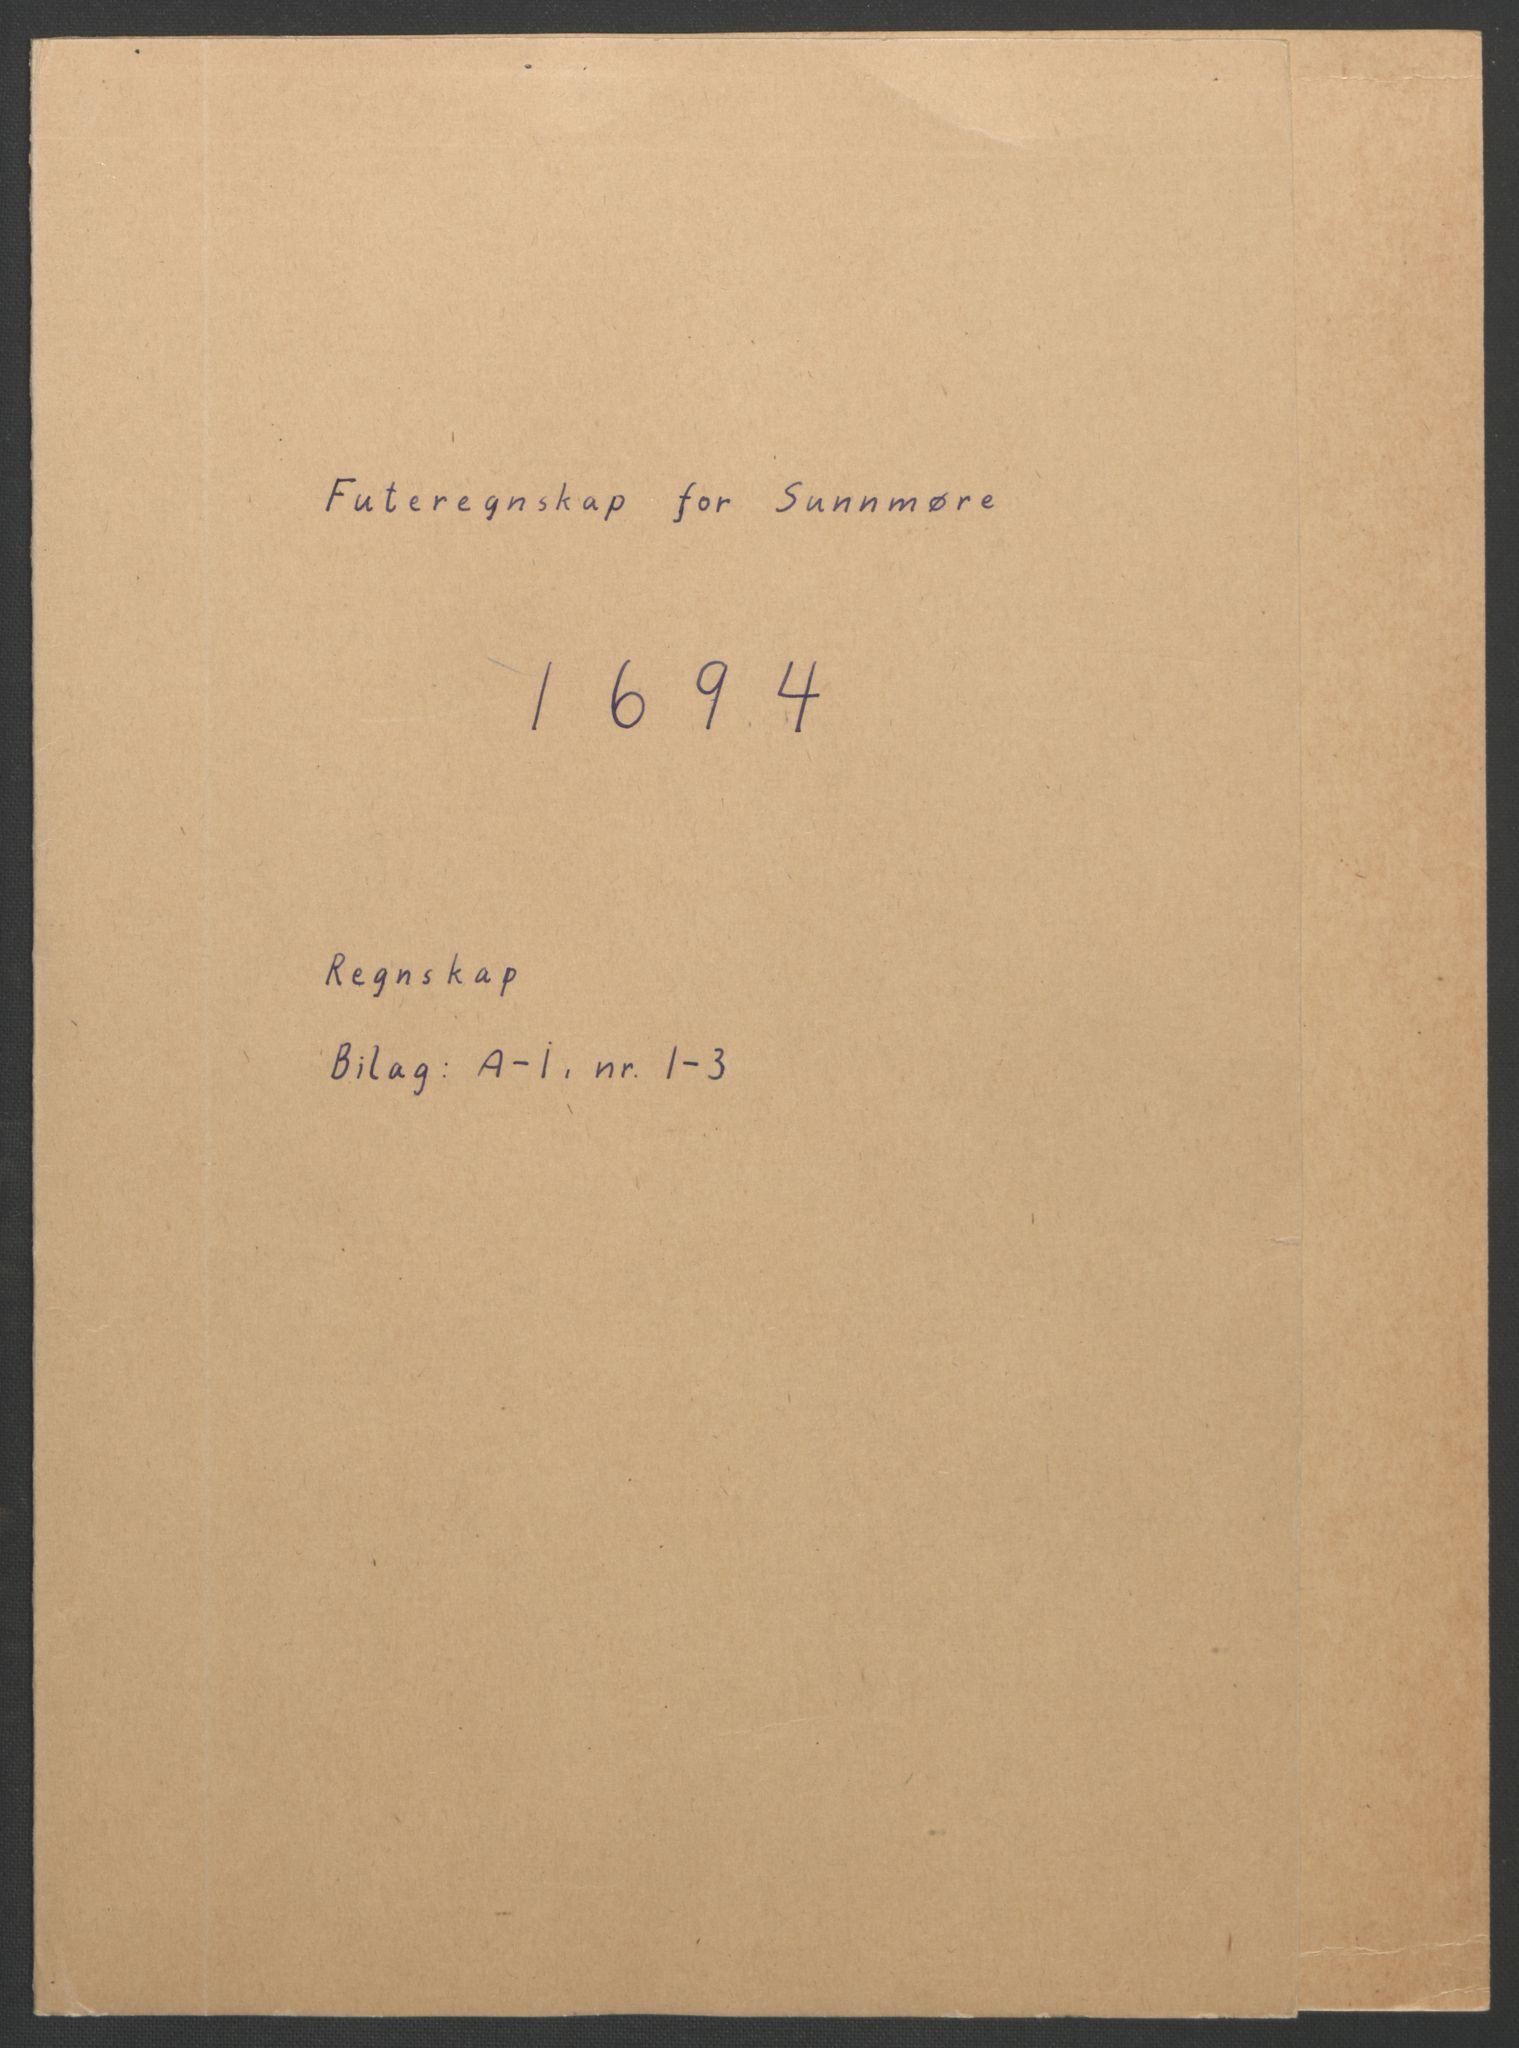 RA, Rentekammeret inntil 1814, Reviderte regnskaper, Fogderegnskap, R54/L3555: Fogderegnskap Sunnmøre, 1694-1695, s. 2